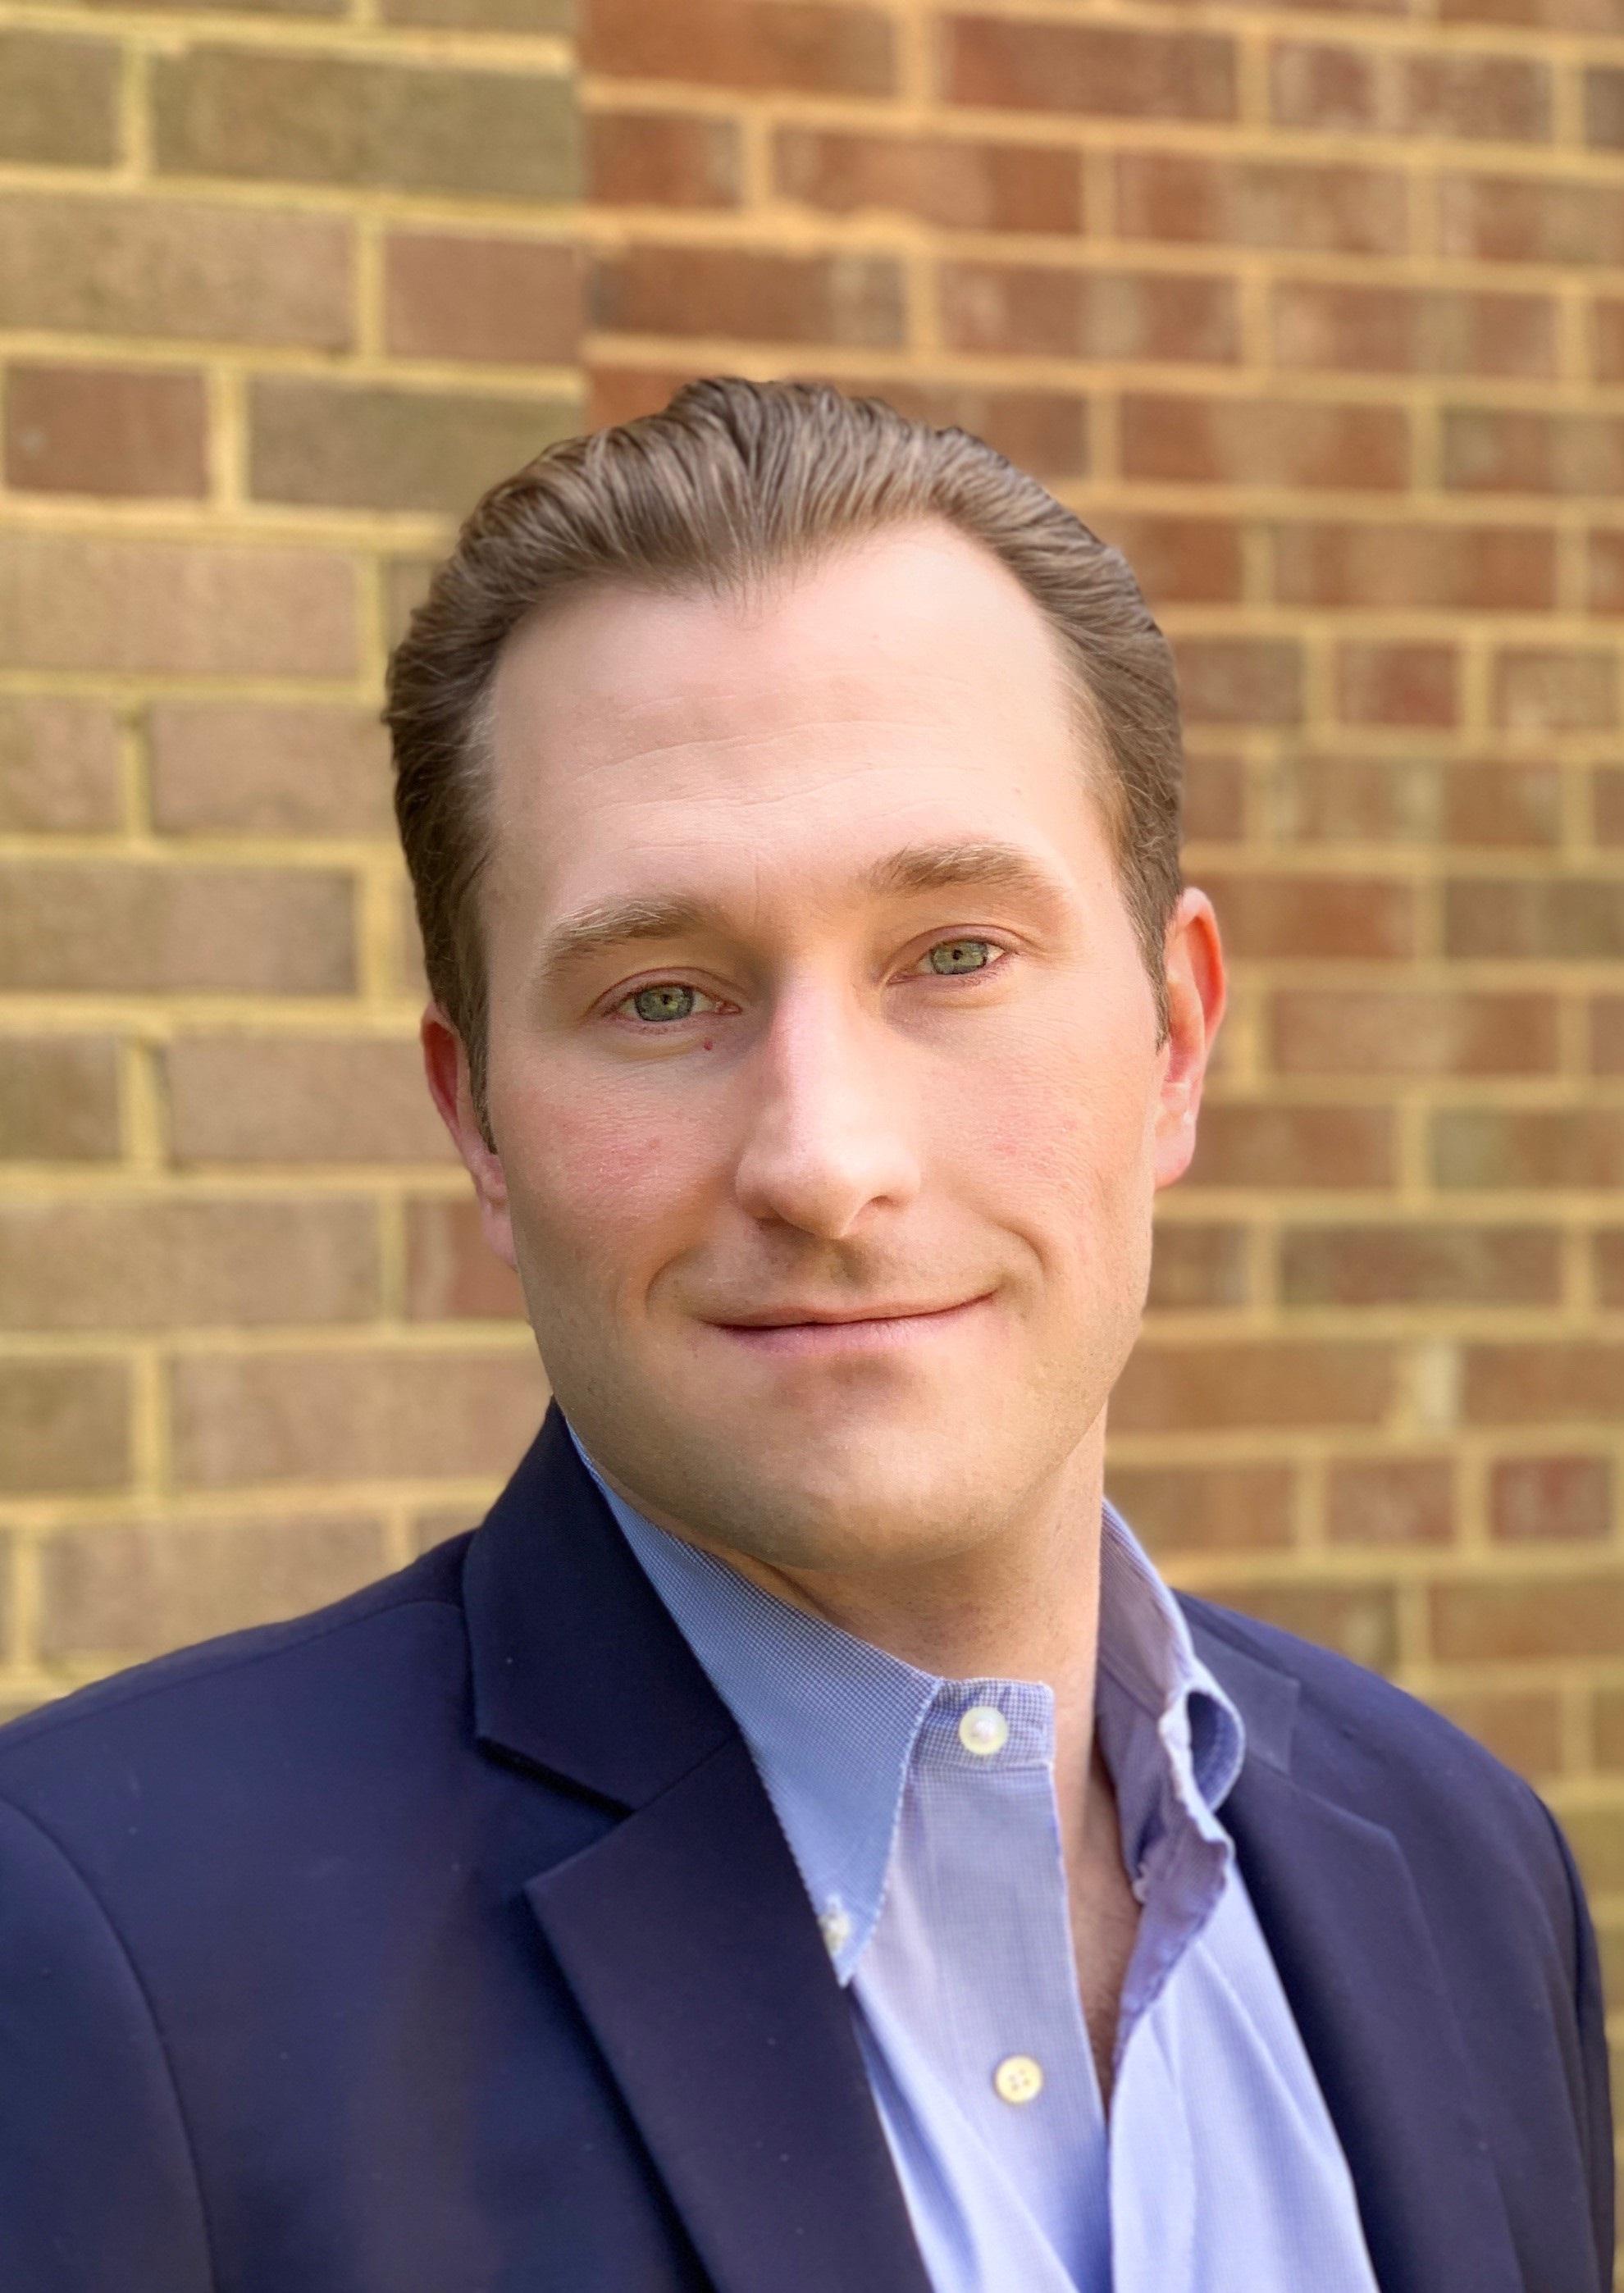 Miles Pratt